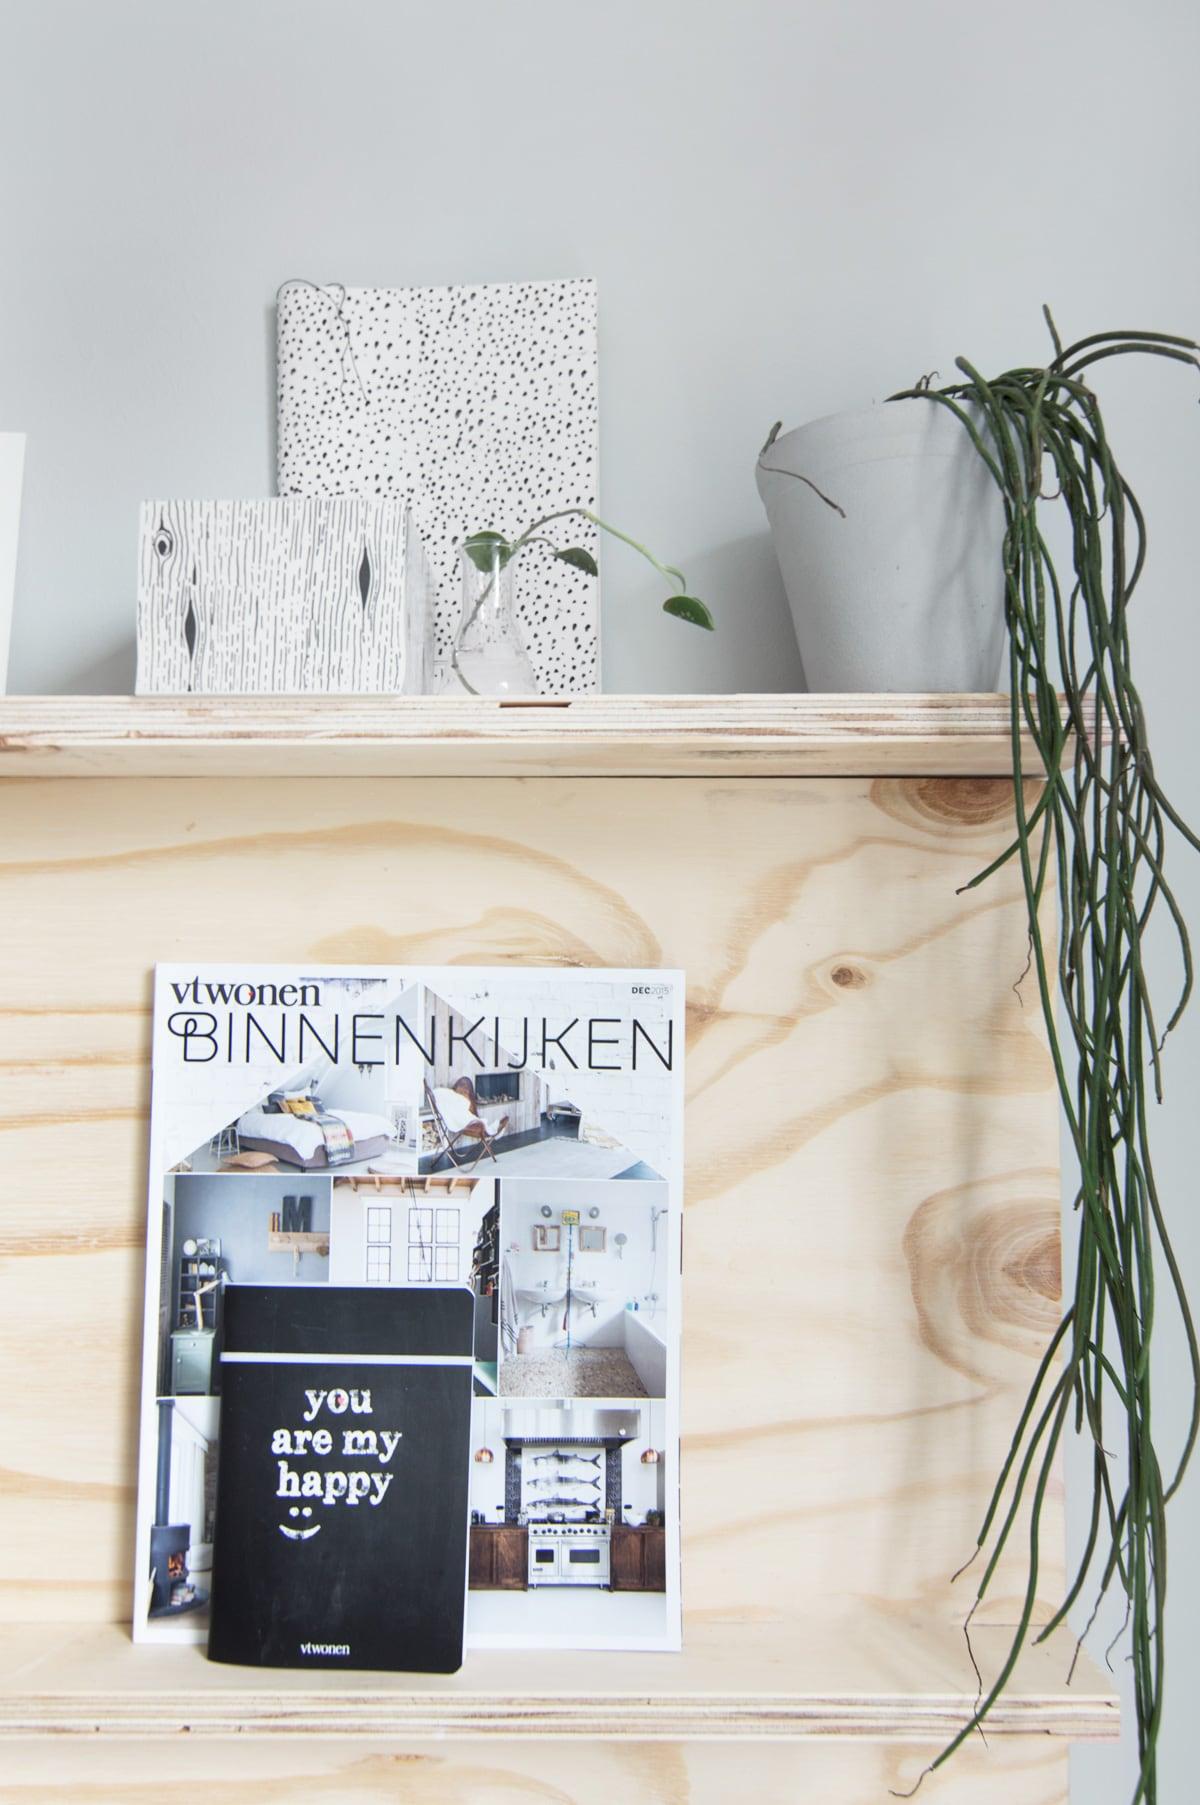 Histor climax - Tanja van Hoogdalem